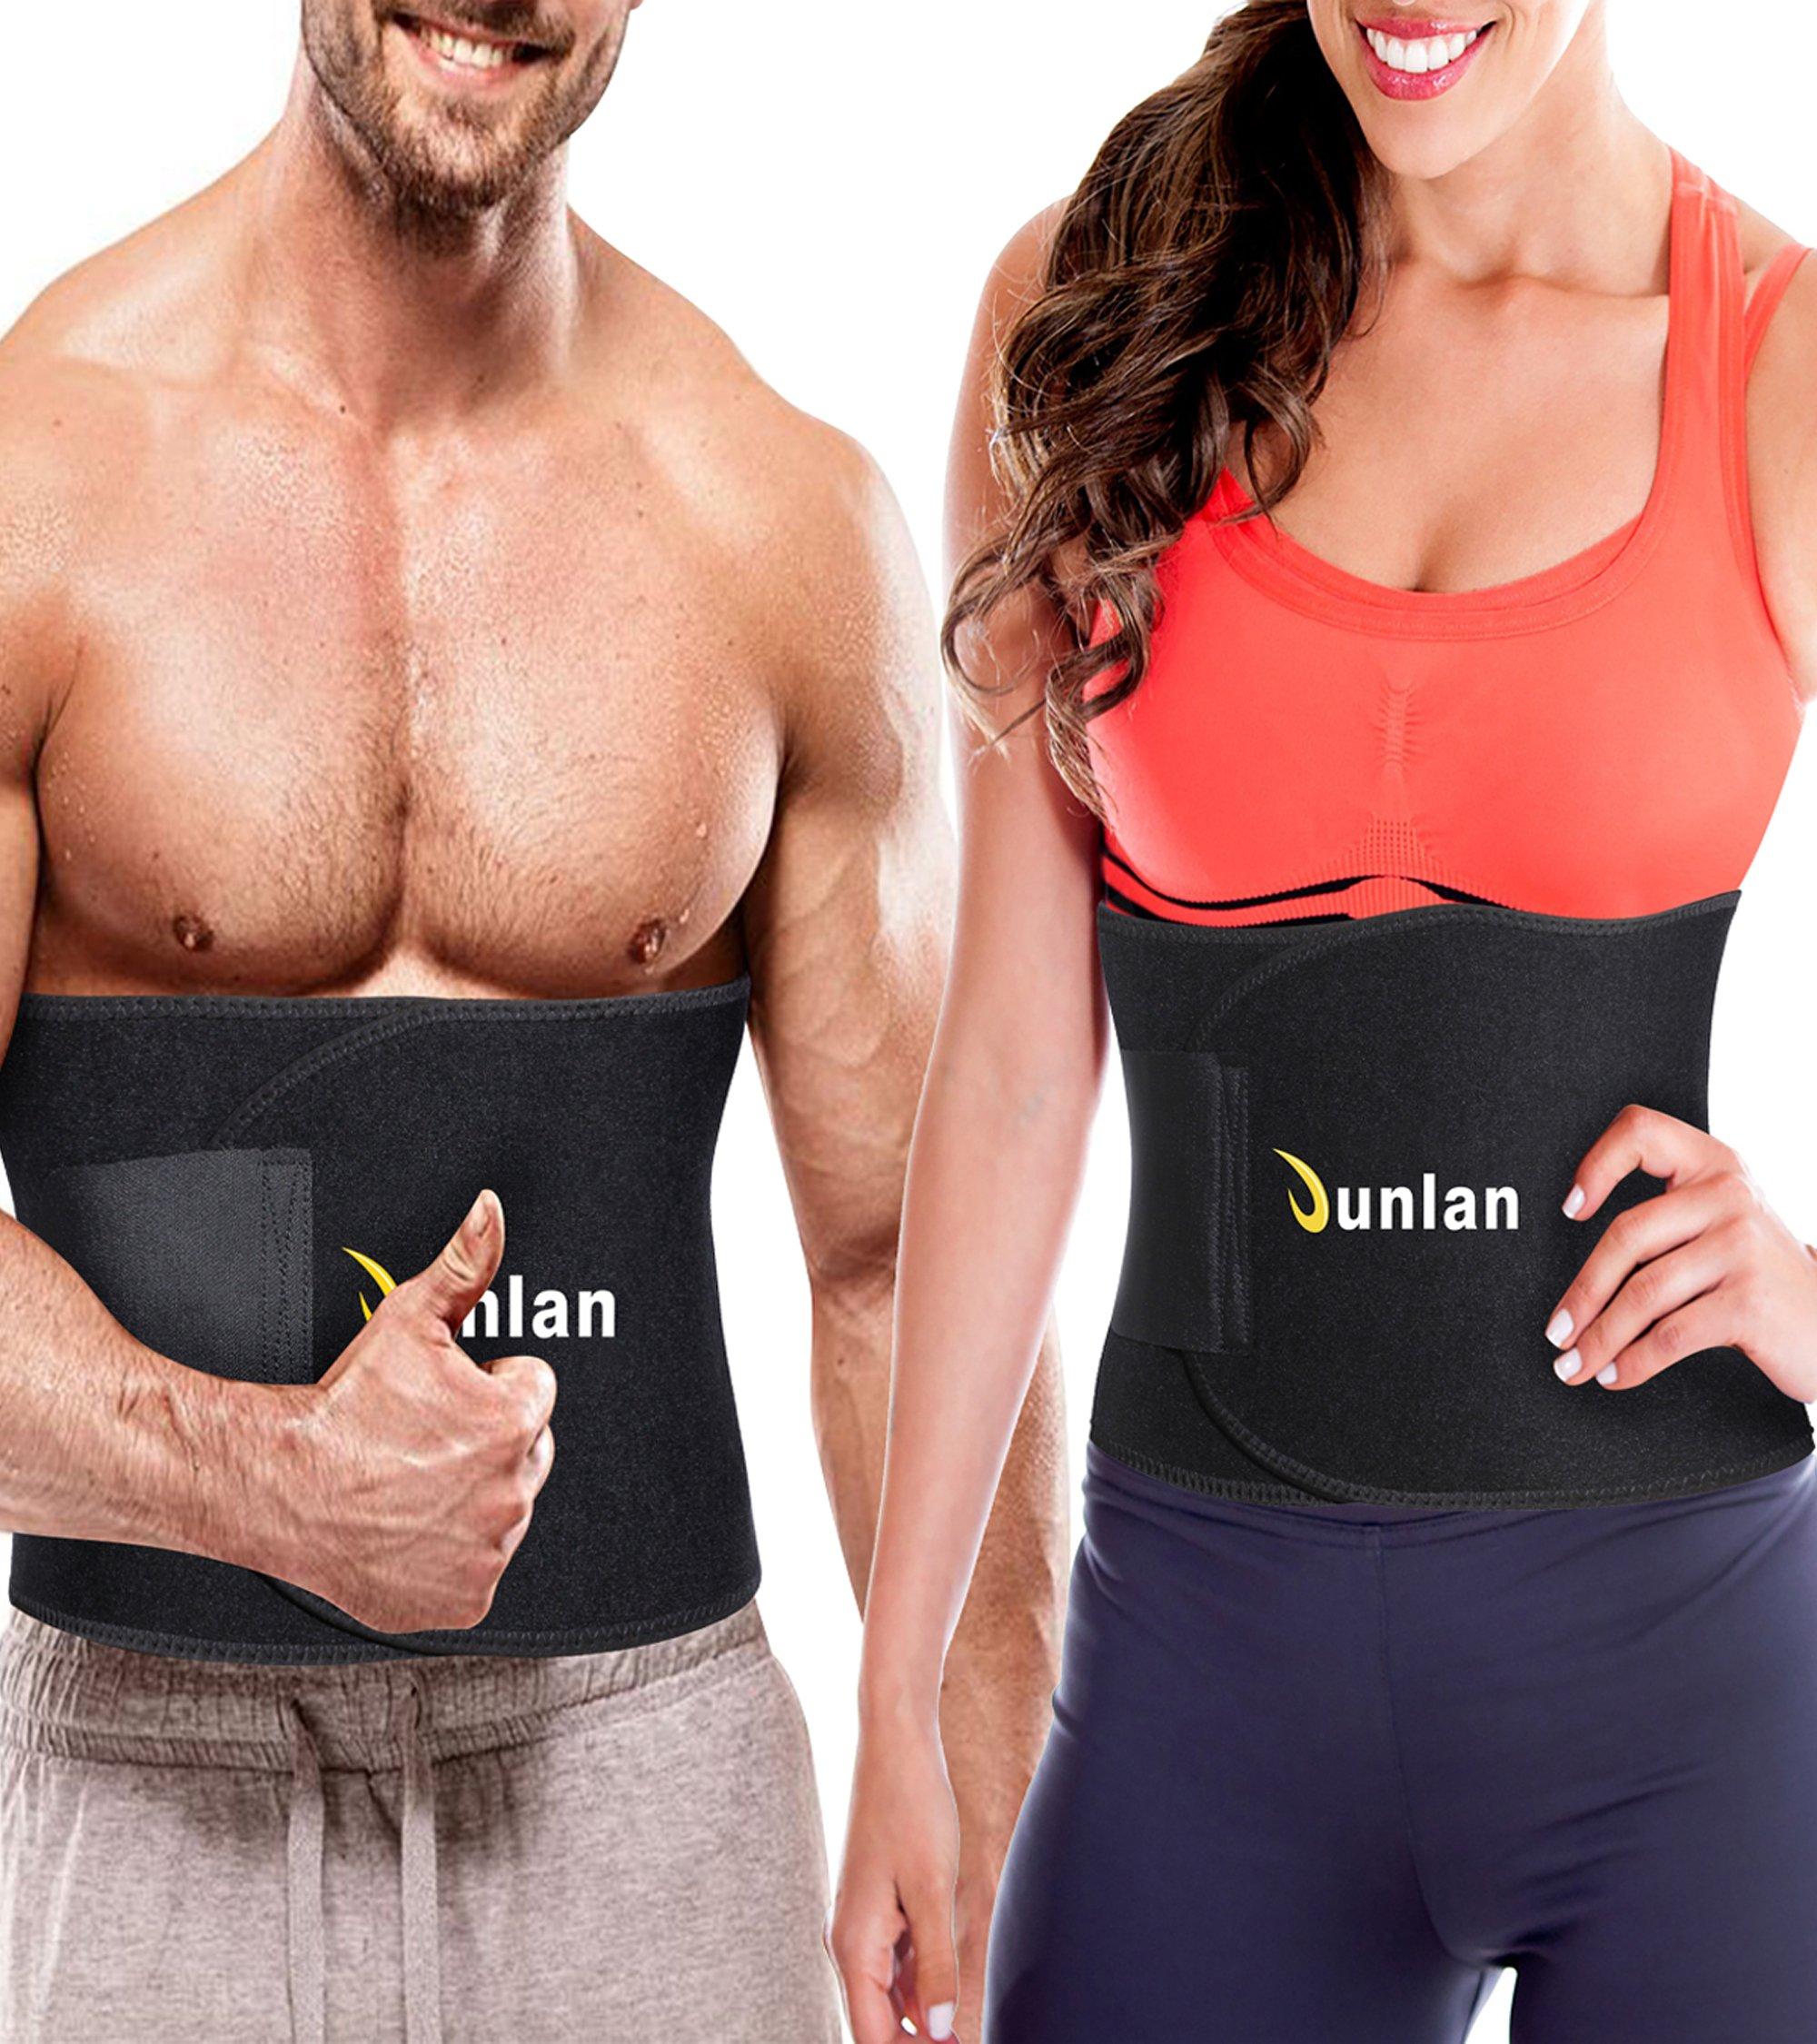 Junlan Workout Waist Trainer Weight Loss Trimmer Belt Corset Exercise Body Band Gym Sauna Sweat Wrap Sport Slimming Abs Belts (Black Waist Trimmer Training Belt, M)